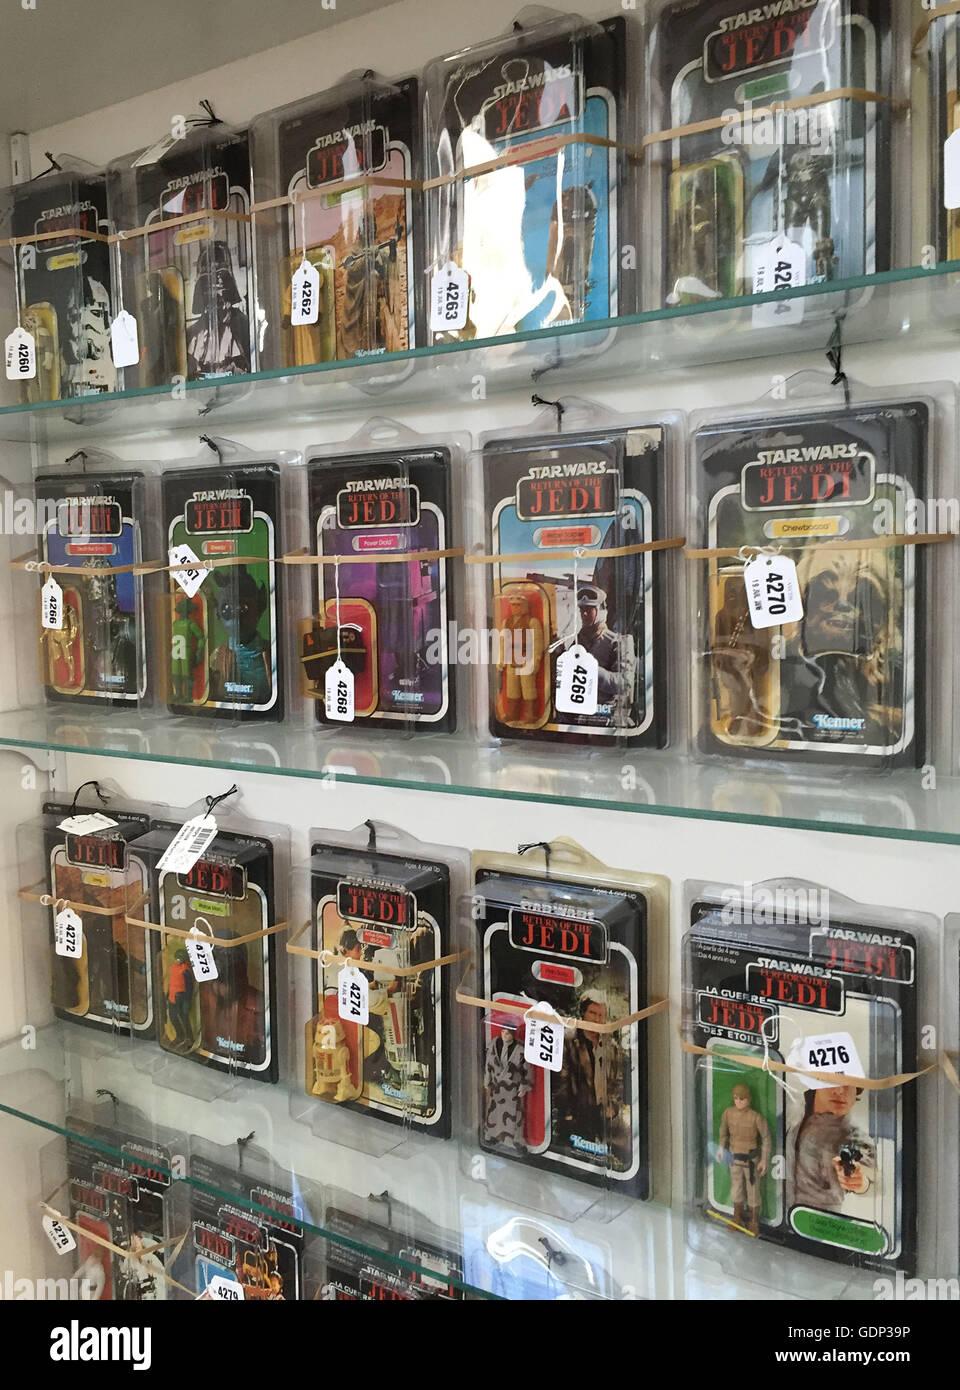 Einige der Star Wars Figuren, die eine große Privatsammlung von 700 Elementen bilden, die in rund 500.000 £ zu bringen, wenn sie unter den Hammer auf Vectis Auktionen in Thornaby, Teesside gehen sollen. Stockfoto